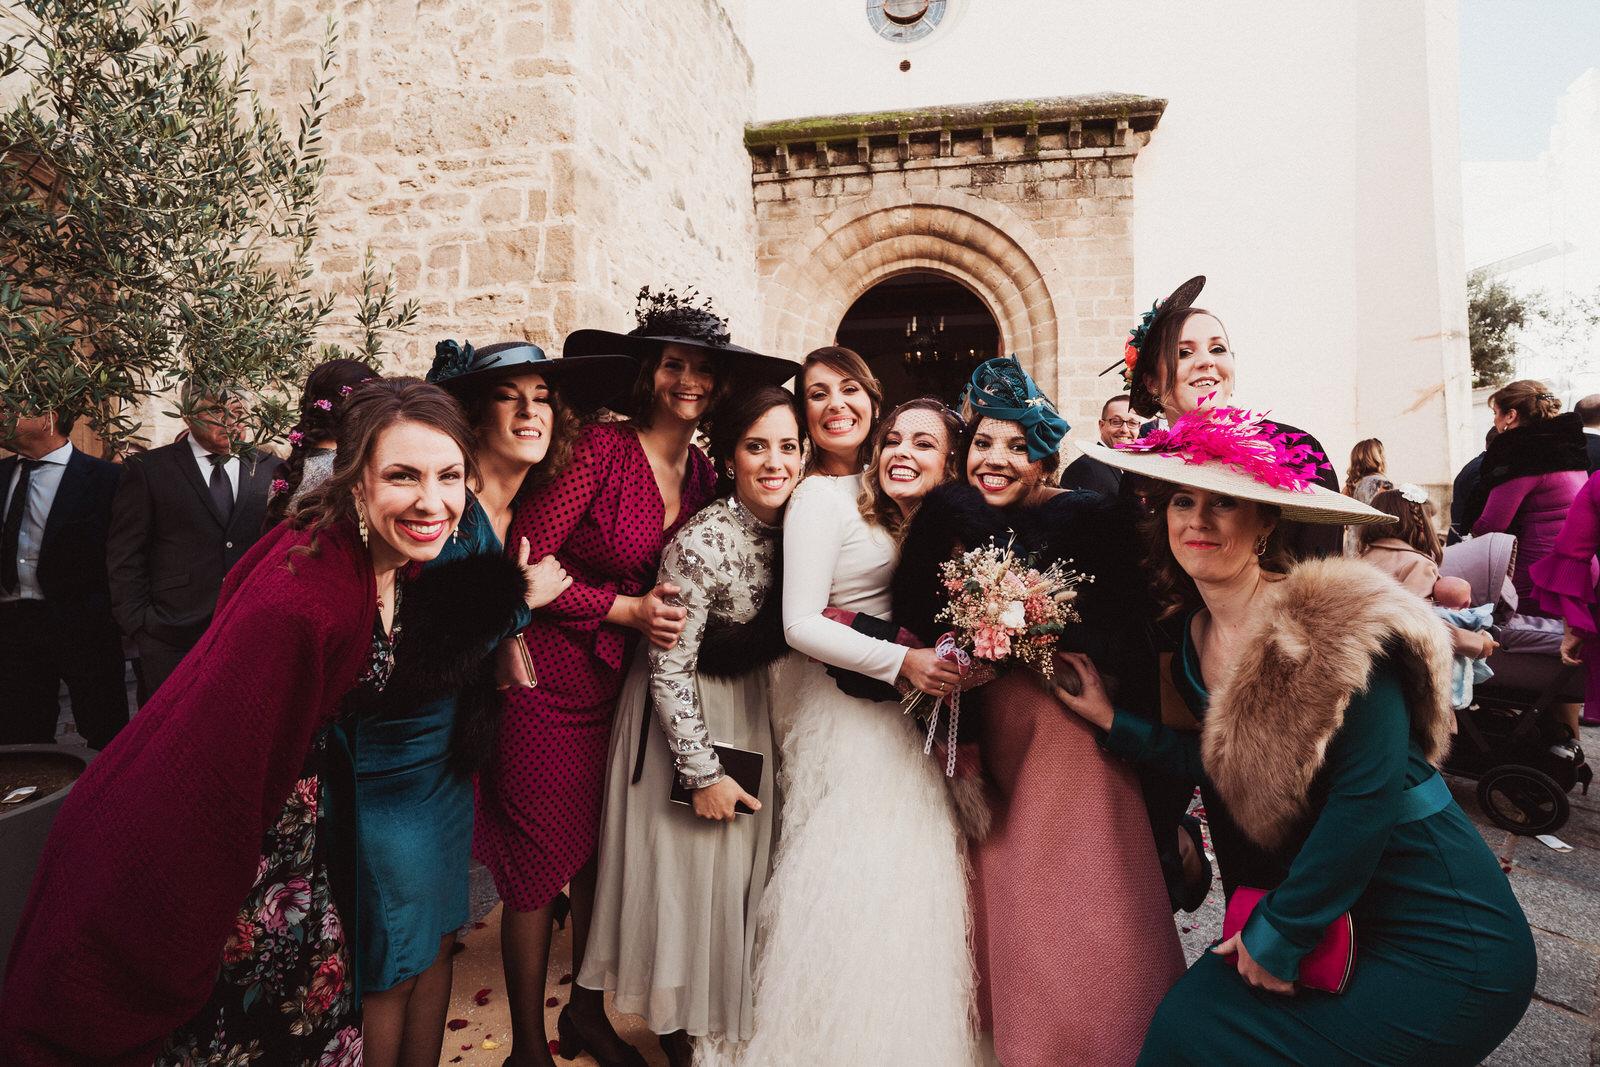 11 Fotografo Andrés Amarillo - boda en Rota -Cádiz - Hacienda Los Caimanes .JPG